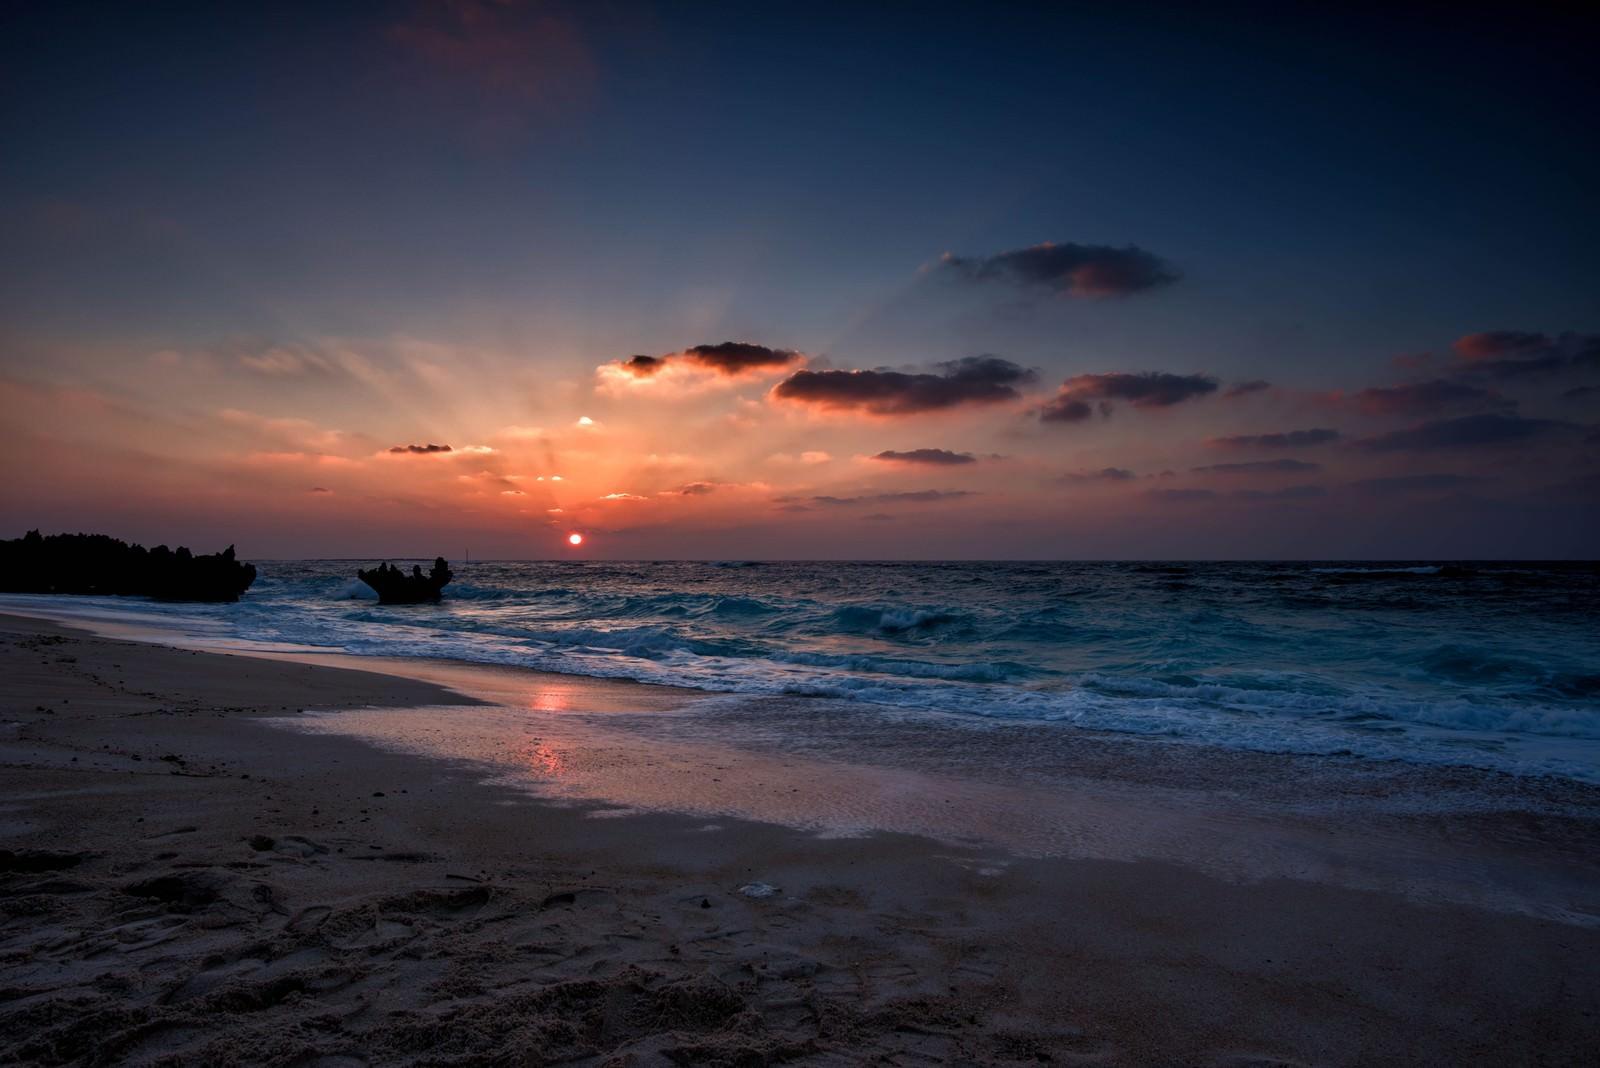 「与論島の夕日」の写真